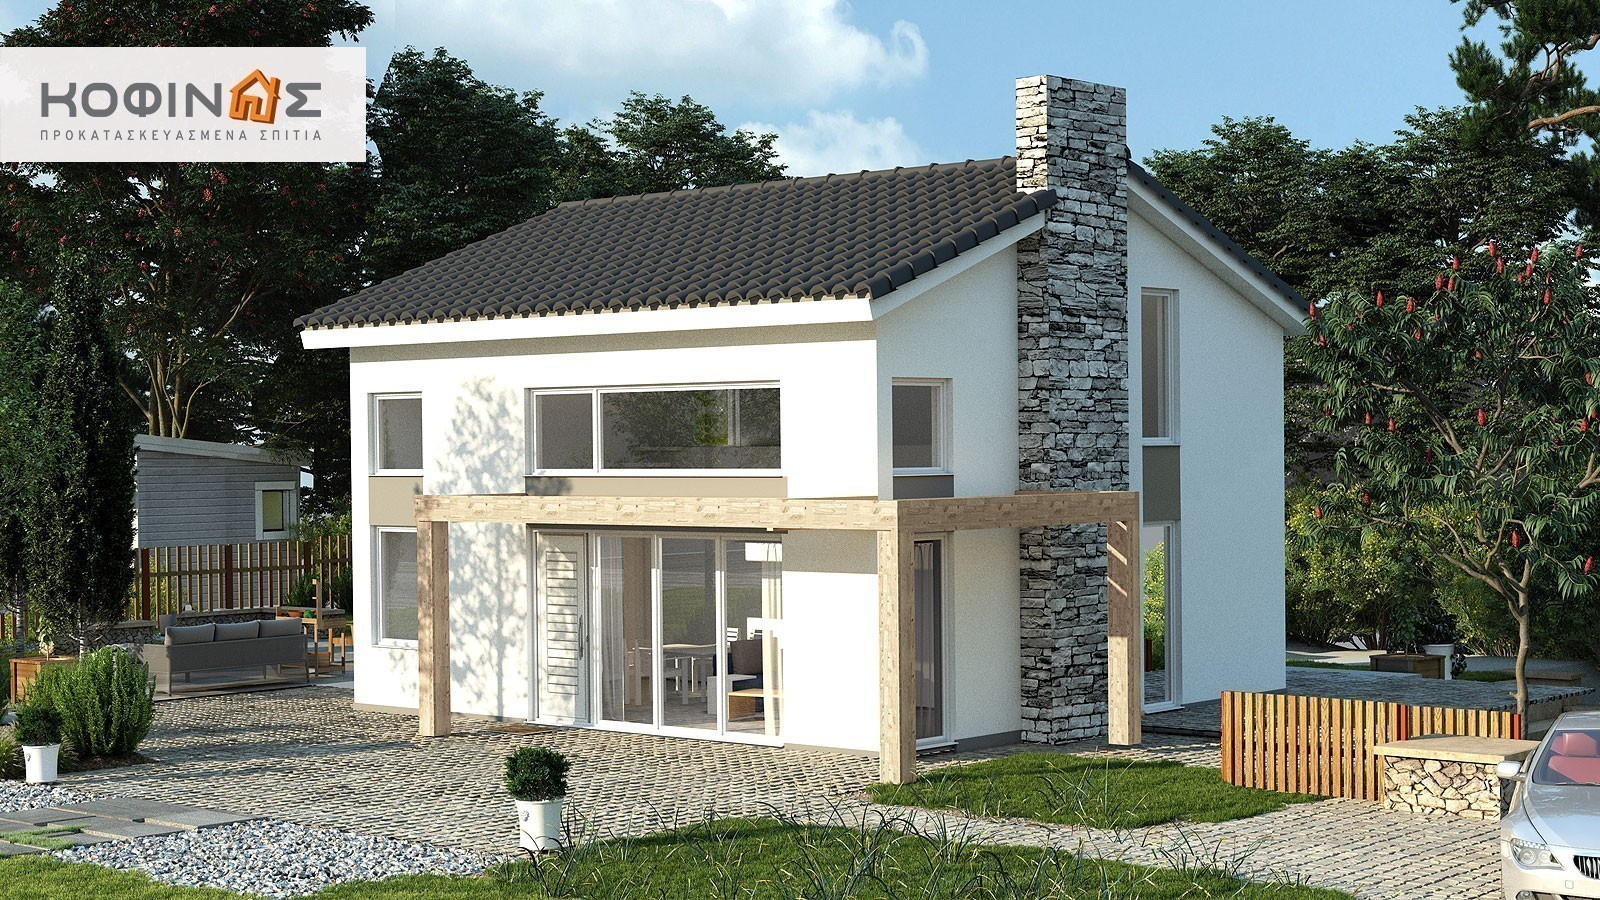 Ισόγεια Κατοικία KIS2-100 (100,37m²) – Τιμή: 99.500€